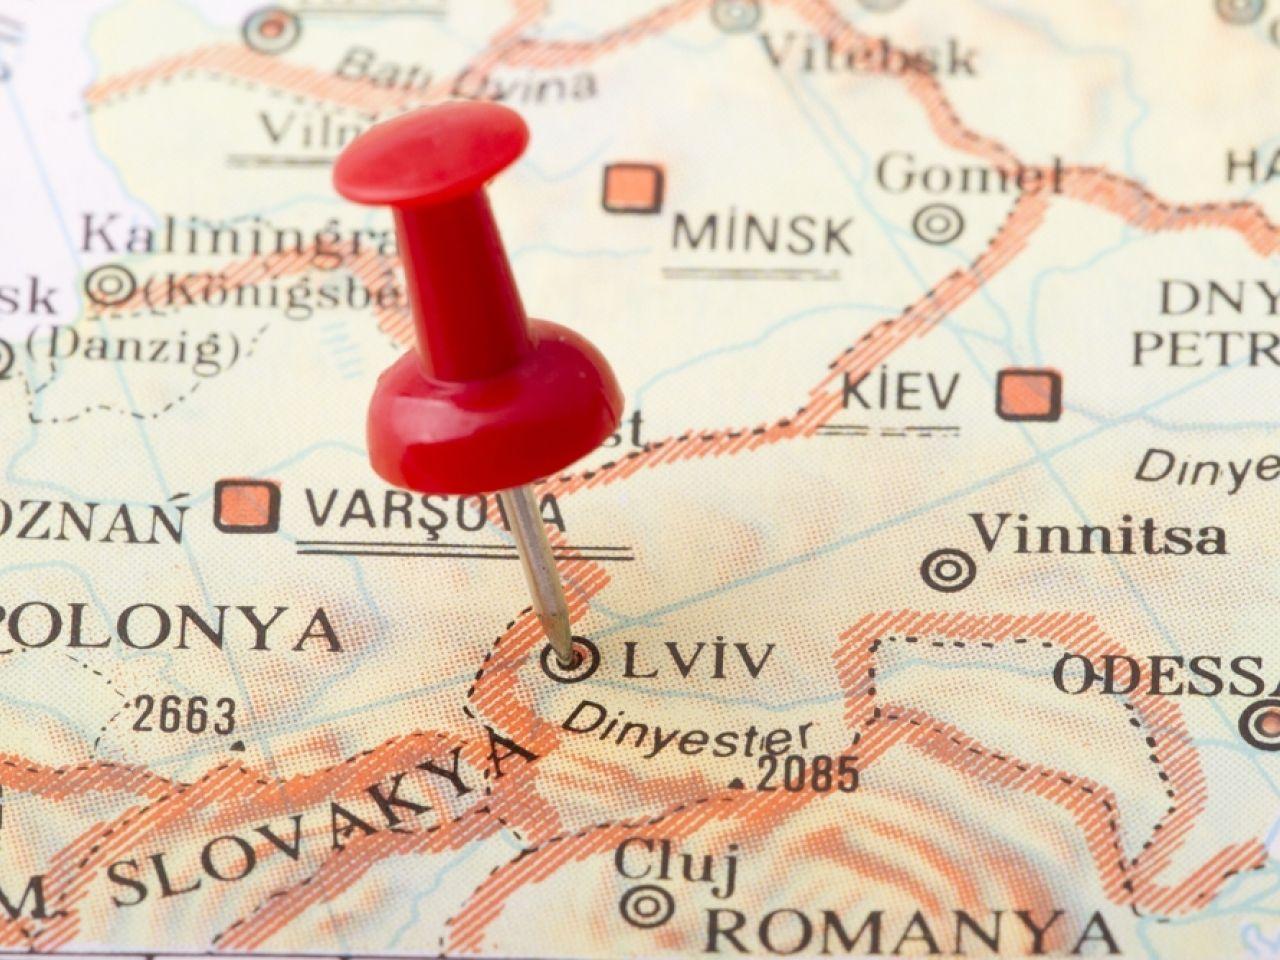 烏克蘭羅姆人營地遭襲最少一死